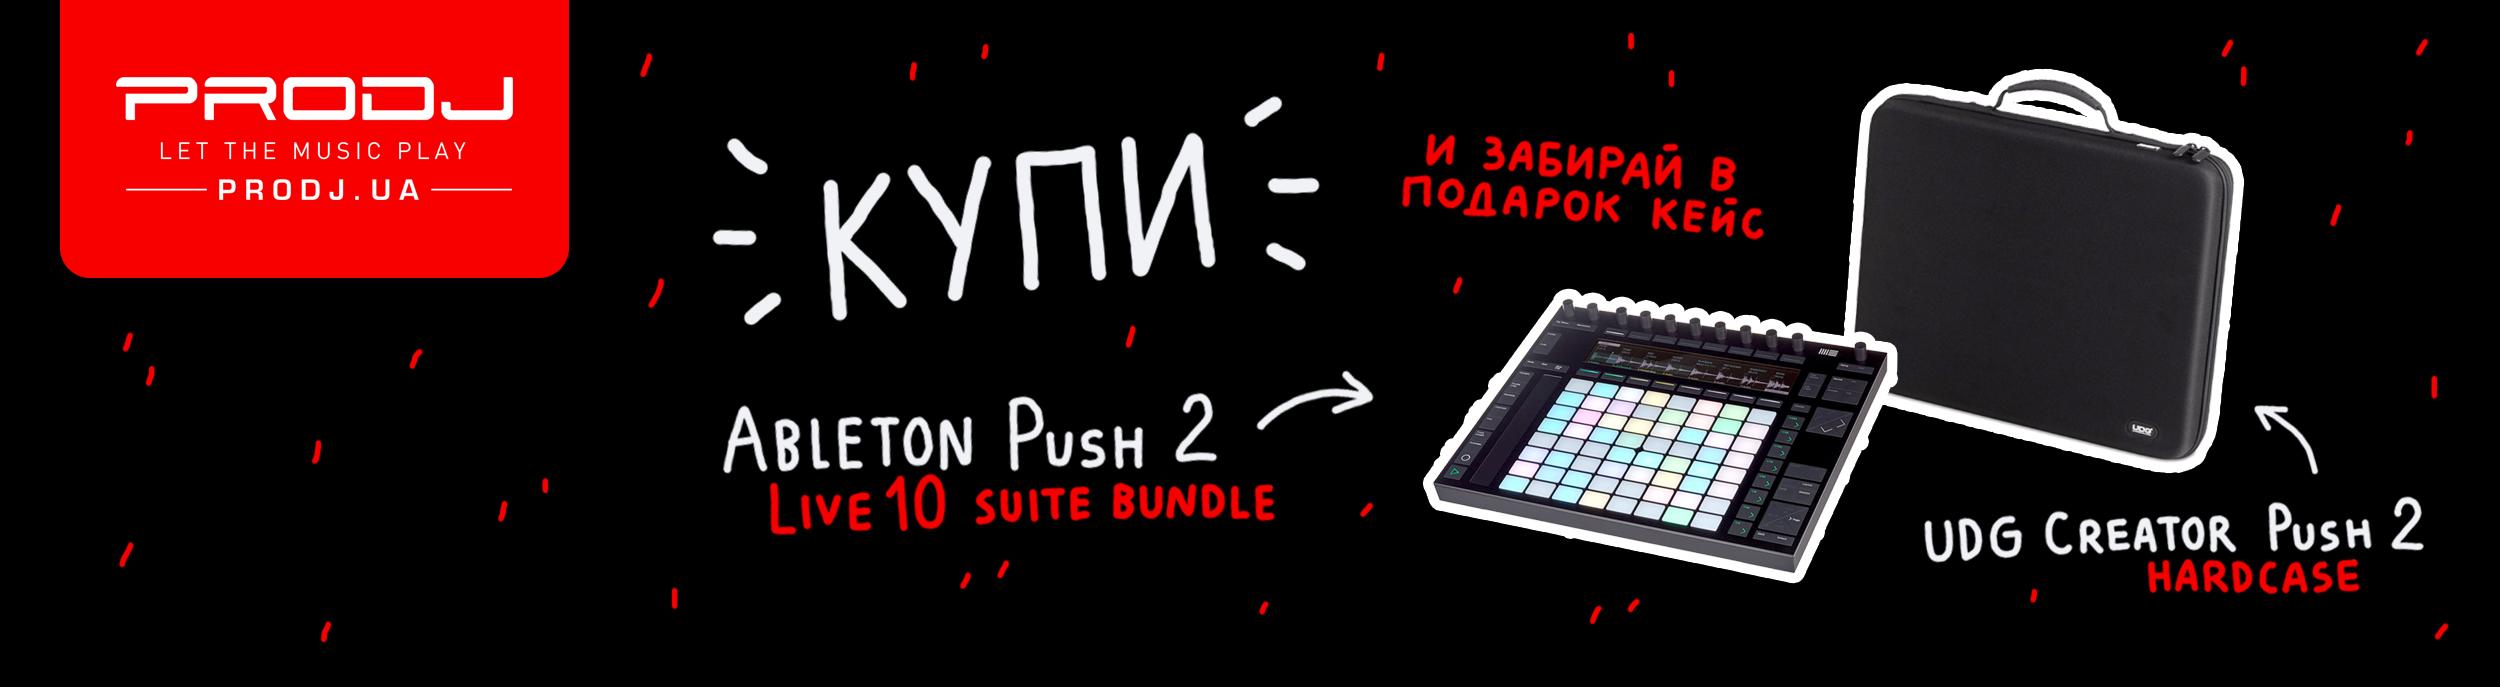 PRODJ интернет-магазин музыкального оборудования и инструментов ... c1177beb0b754